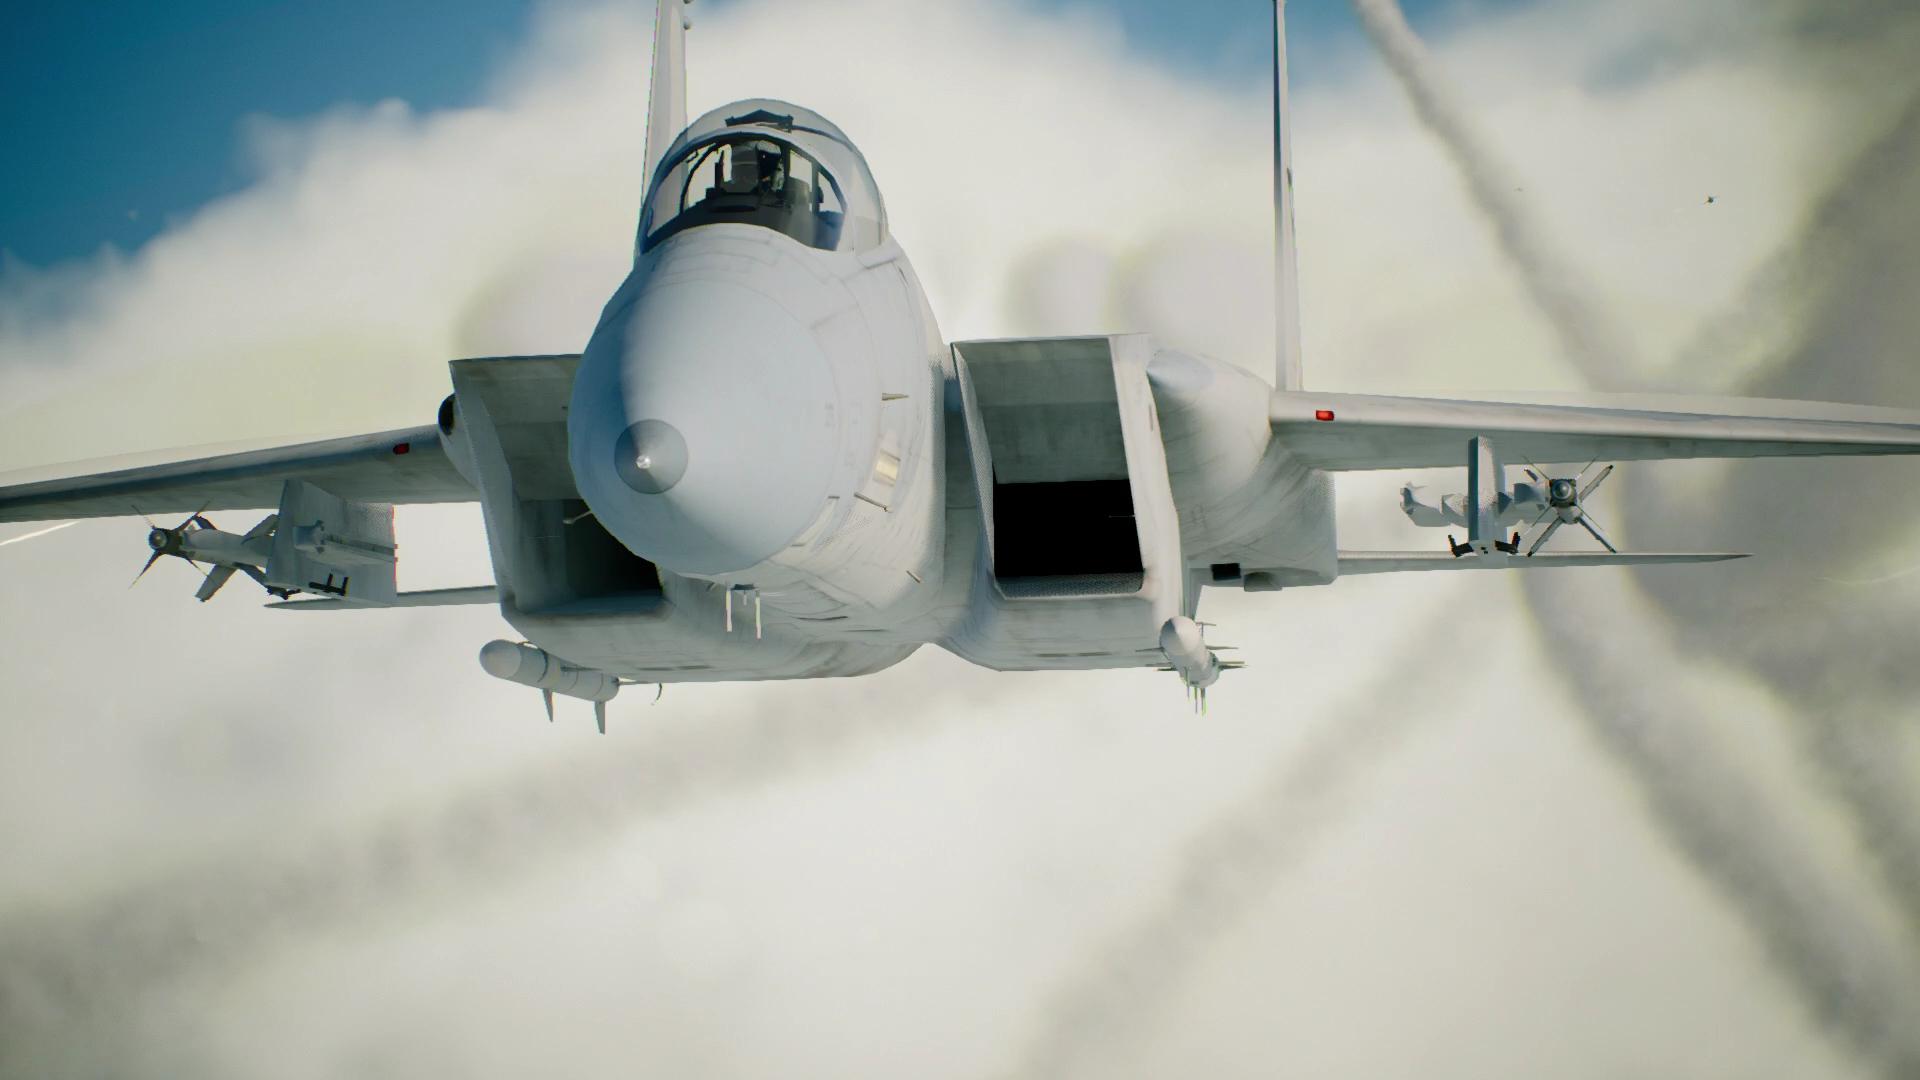 画像集 エースコンバット7 スカイズ アンノウン の機体紹介